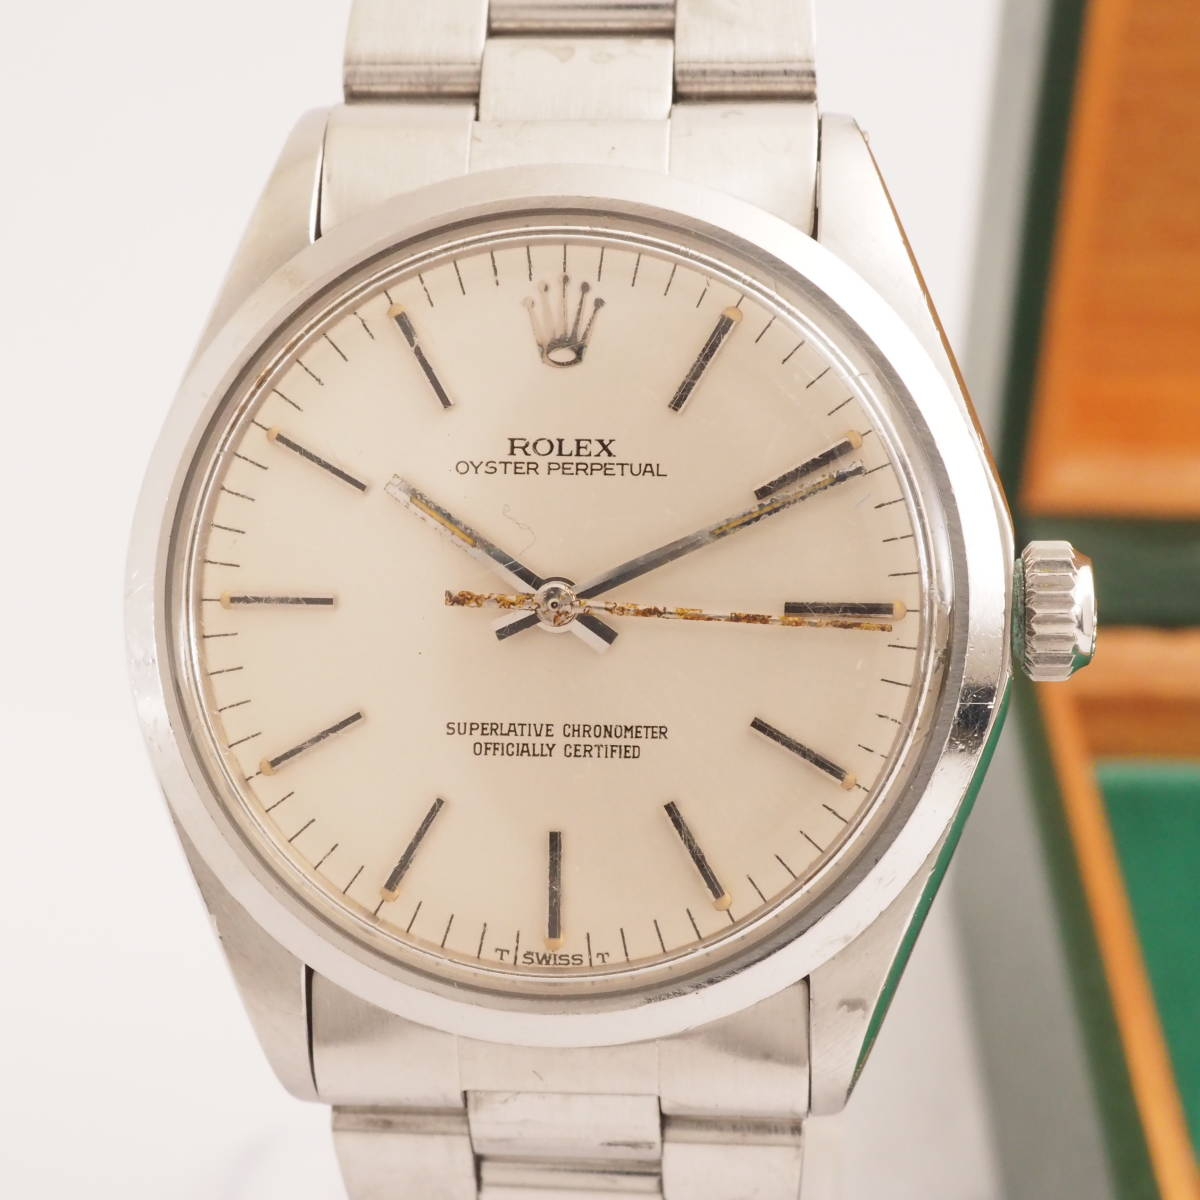 ロレックス オイスターパーペチュアル Ref,1002 ROLEX OYSTER PERPETUAL Cal,1570 ゴールド文字盤 自動巻 メンズ 男性腕時計[126667]